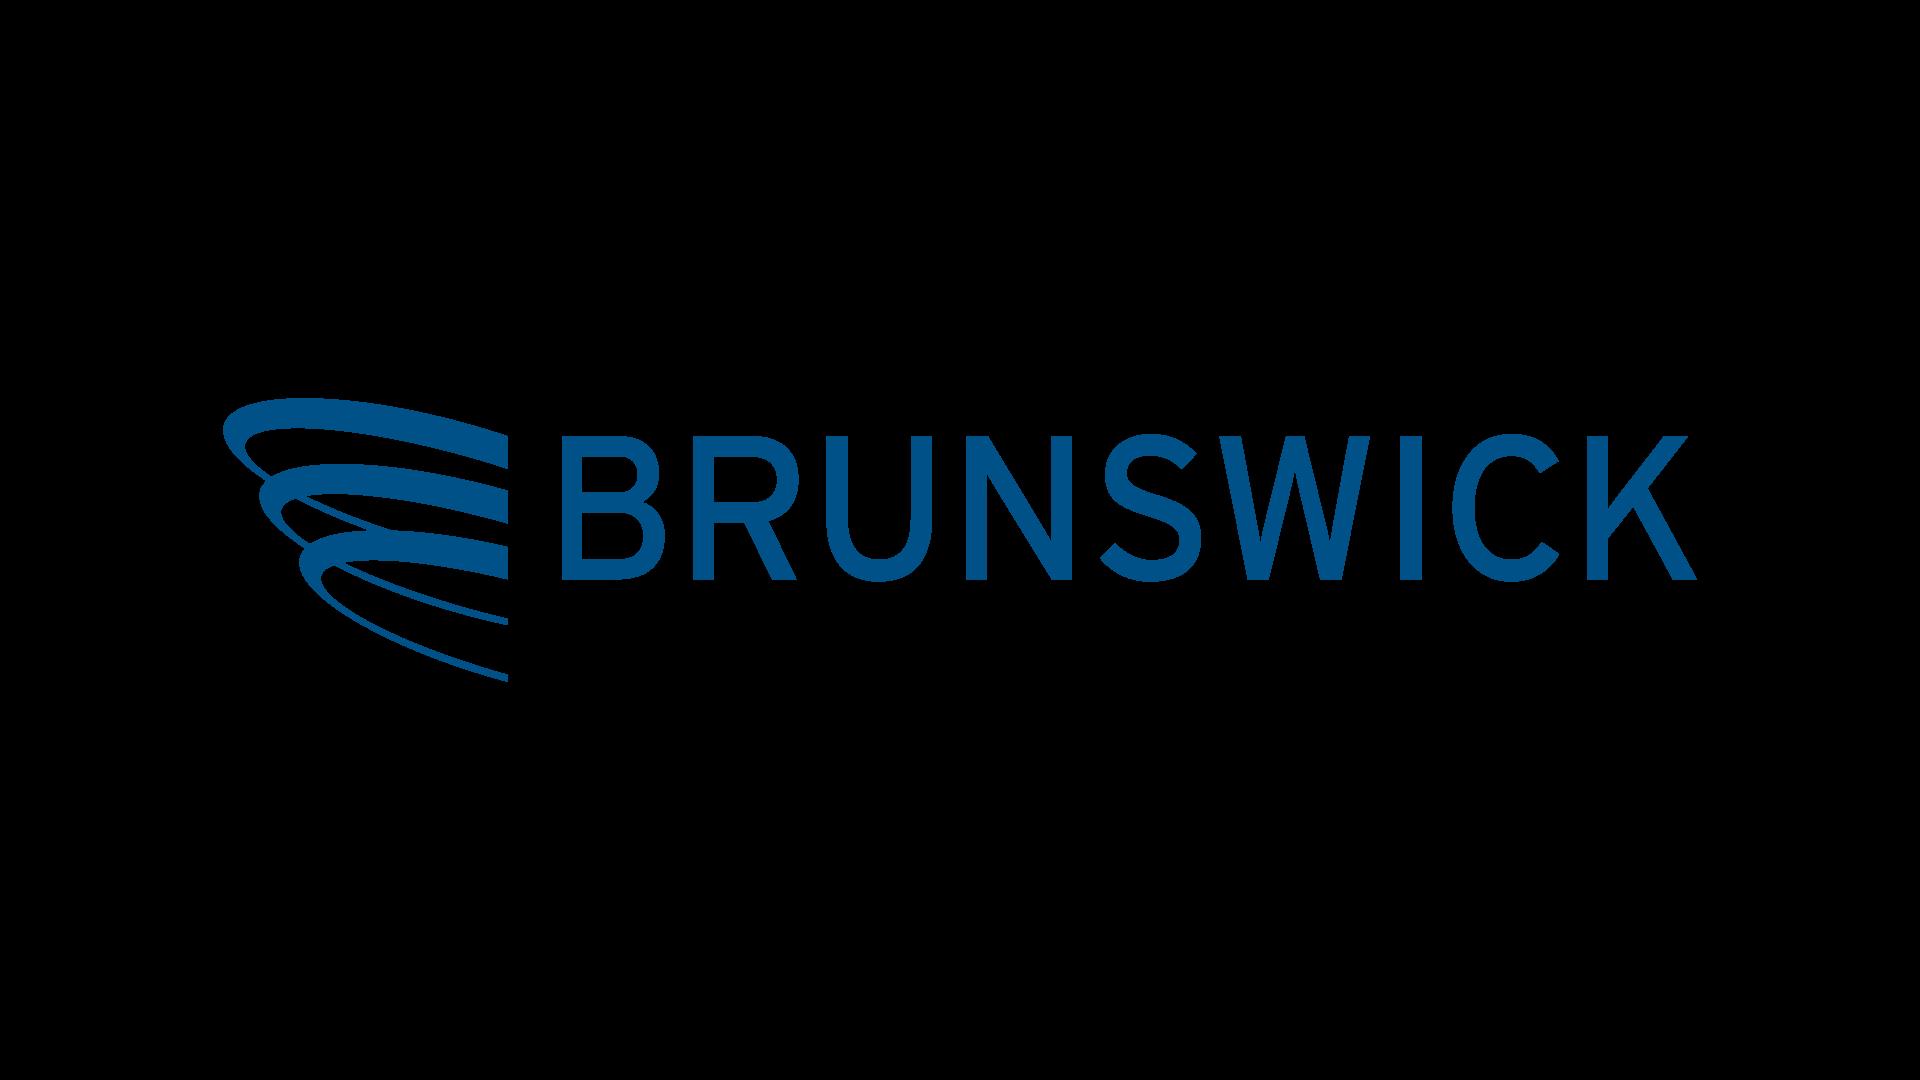 Brunswick Corporation logo 1.png